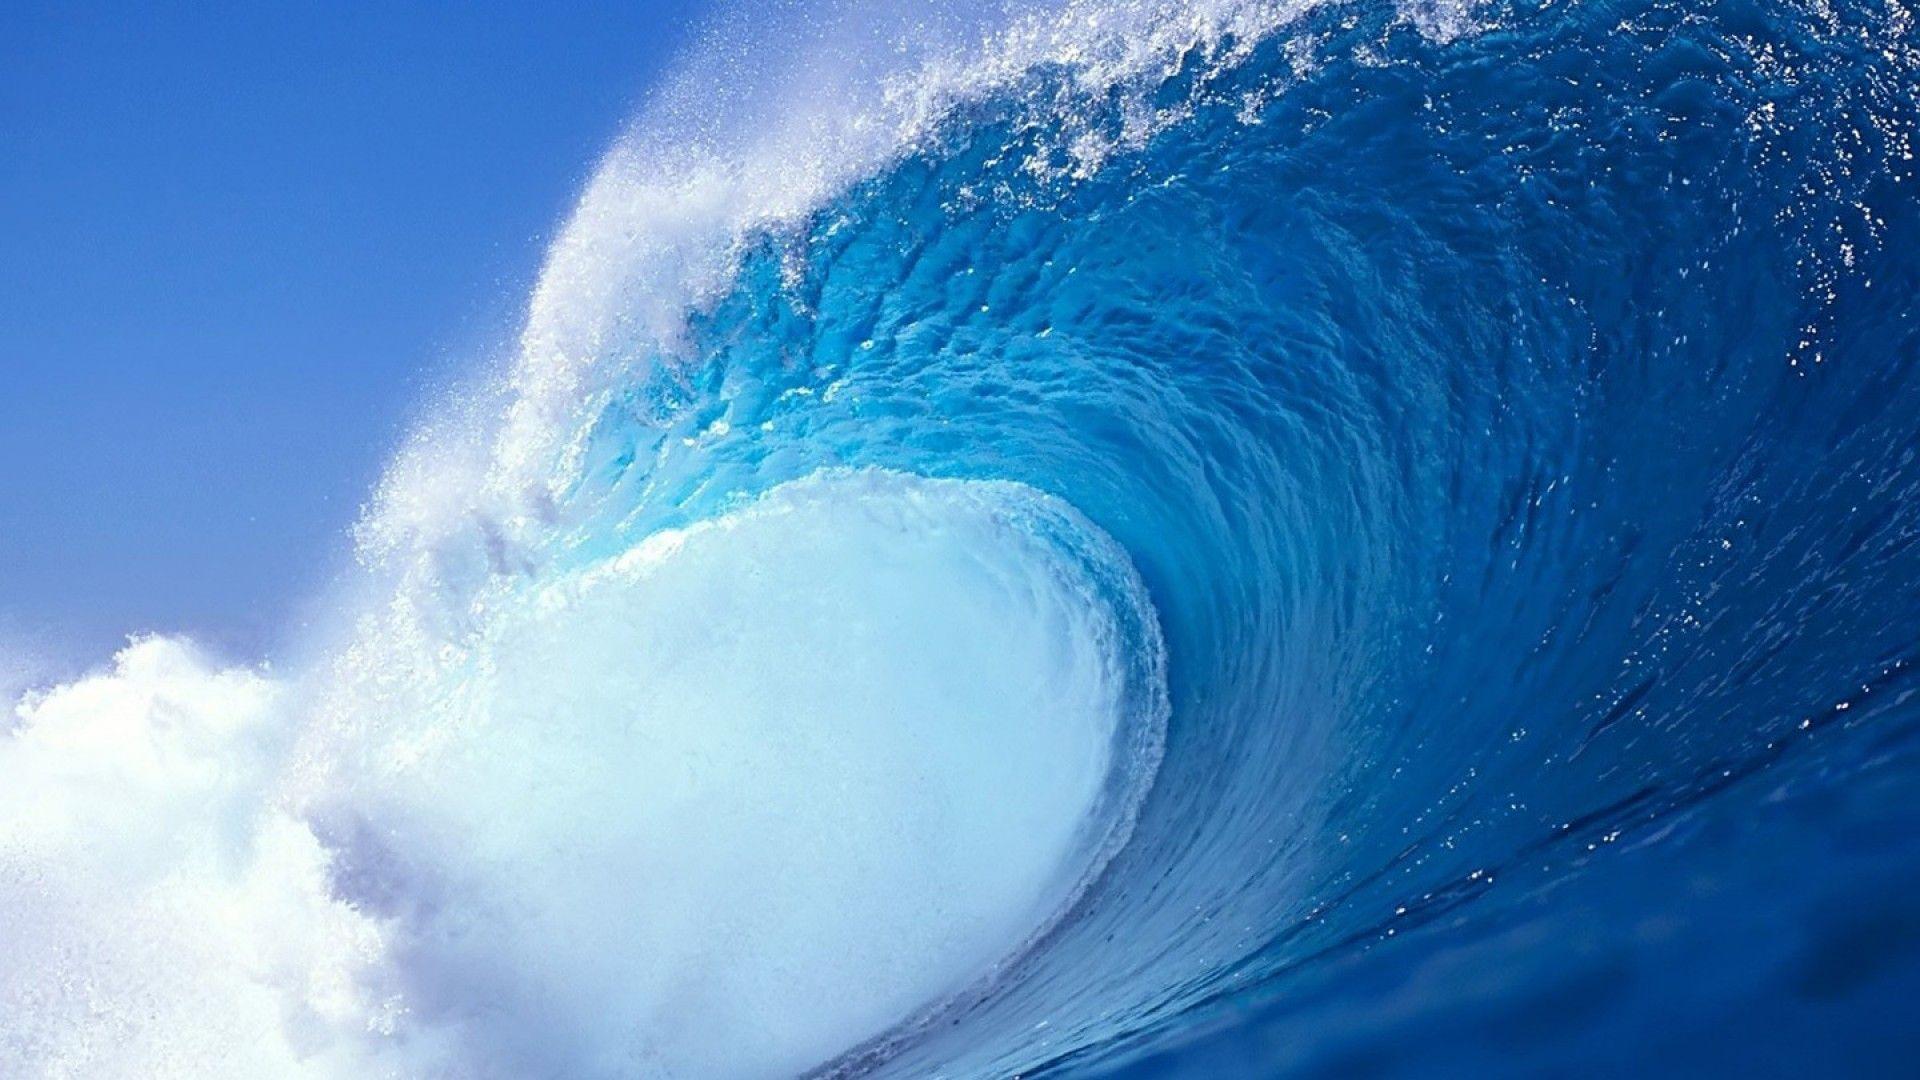 summer waves wallpapers crazy frankenstein 1280×1024 wave images